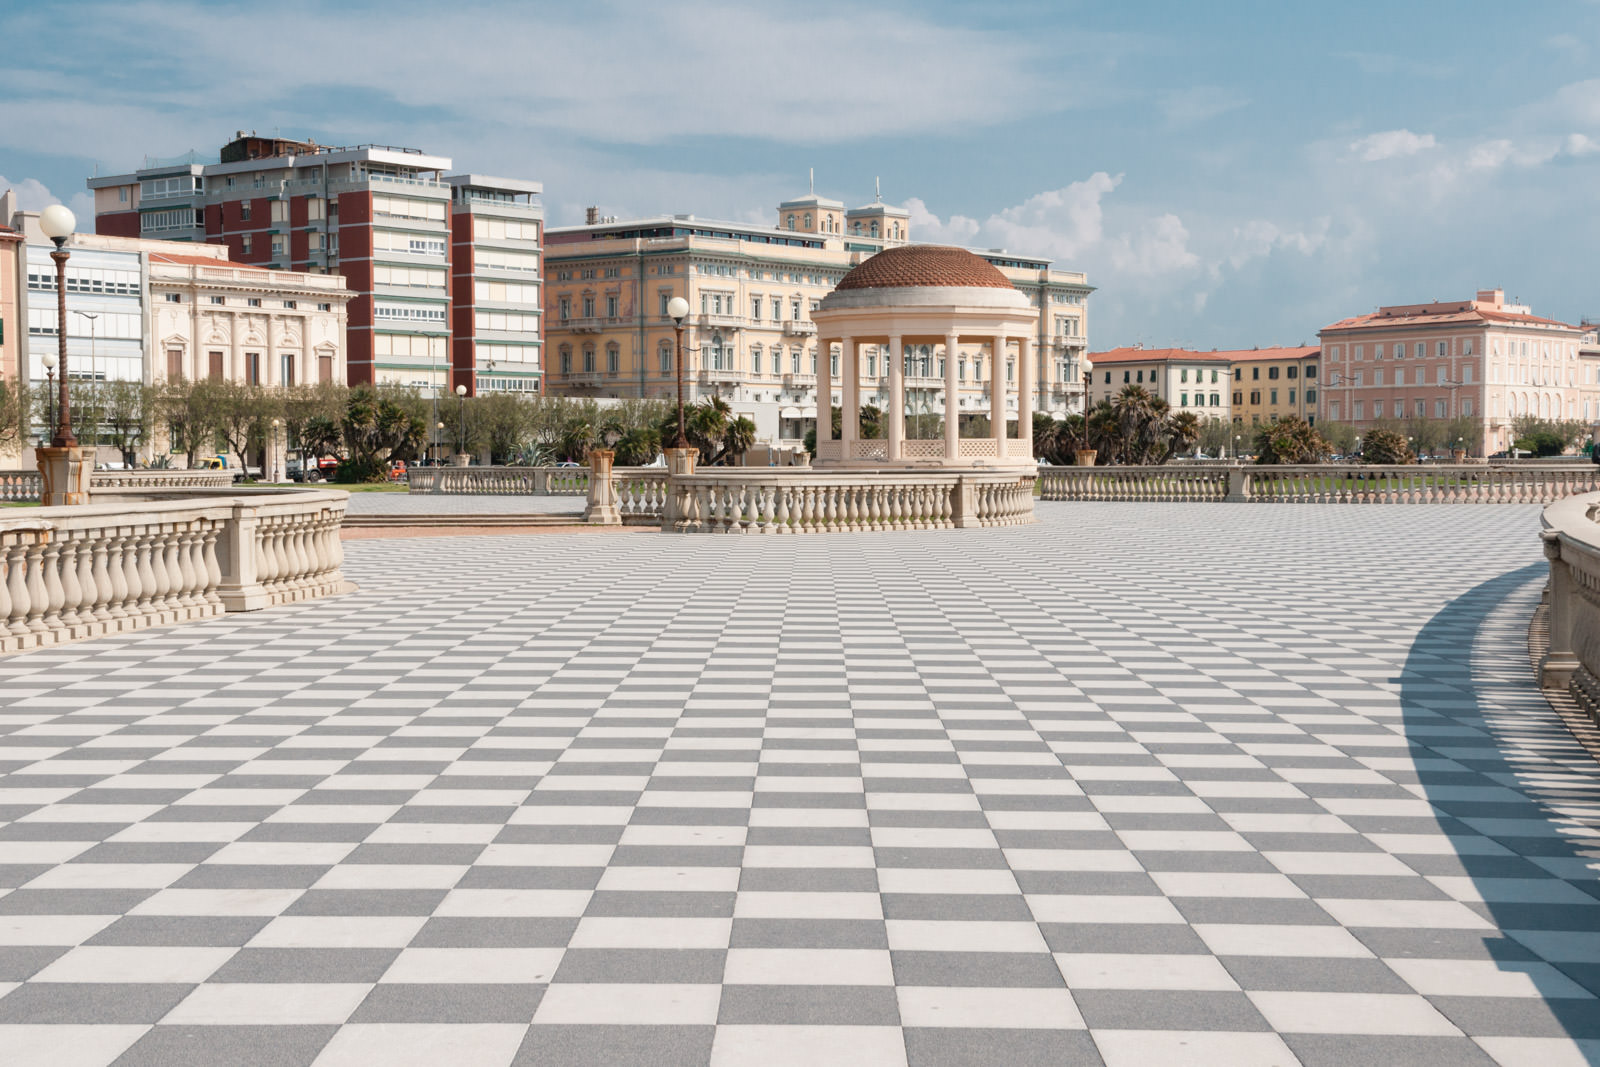 Terrazza Mascagni in Livorno - About Curiosity